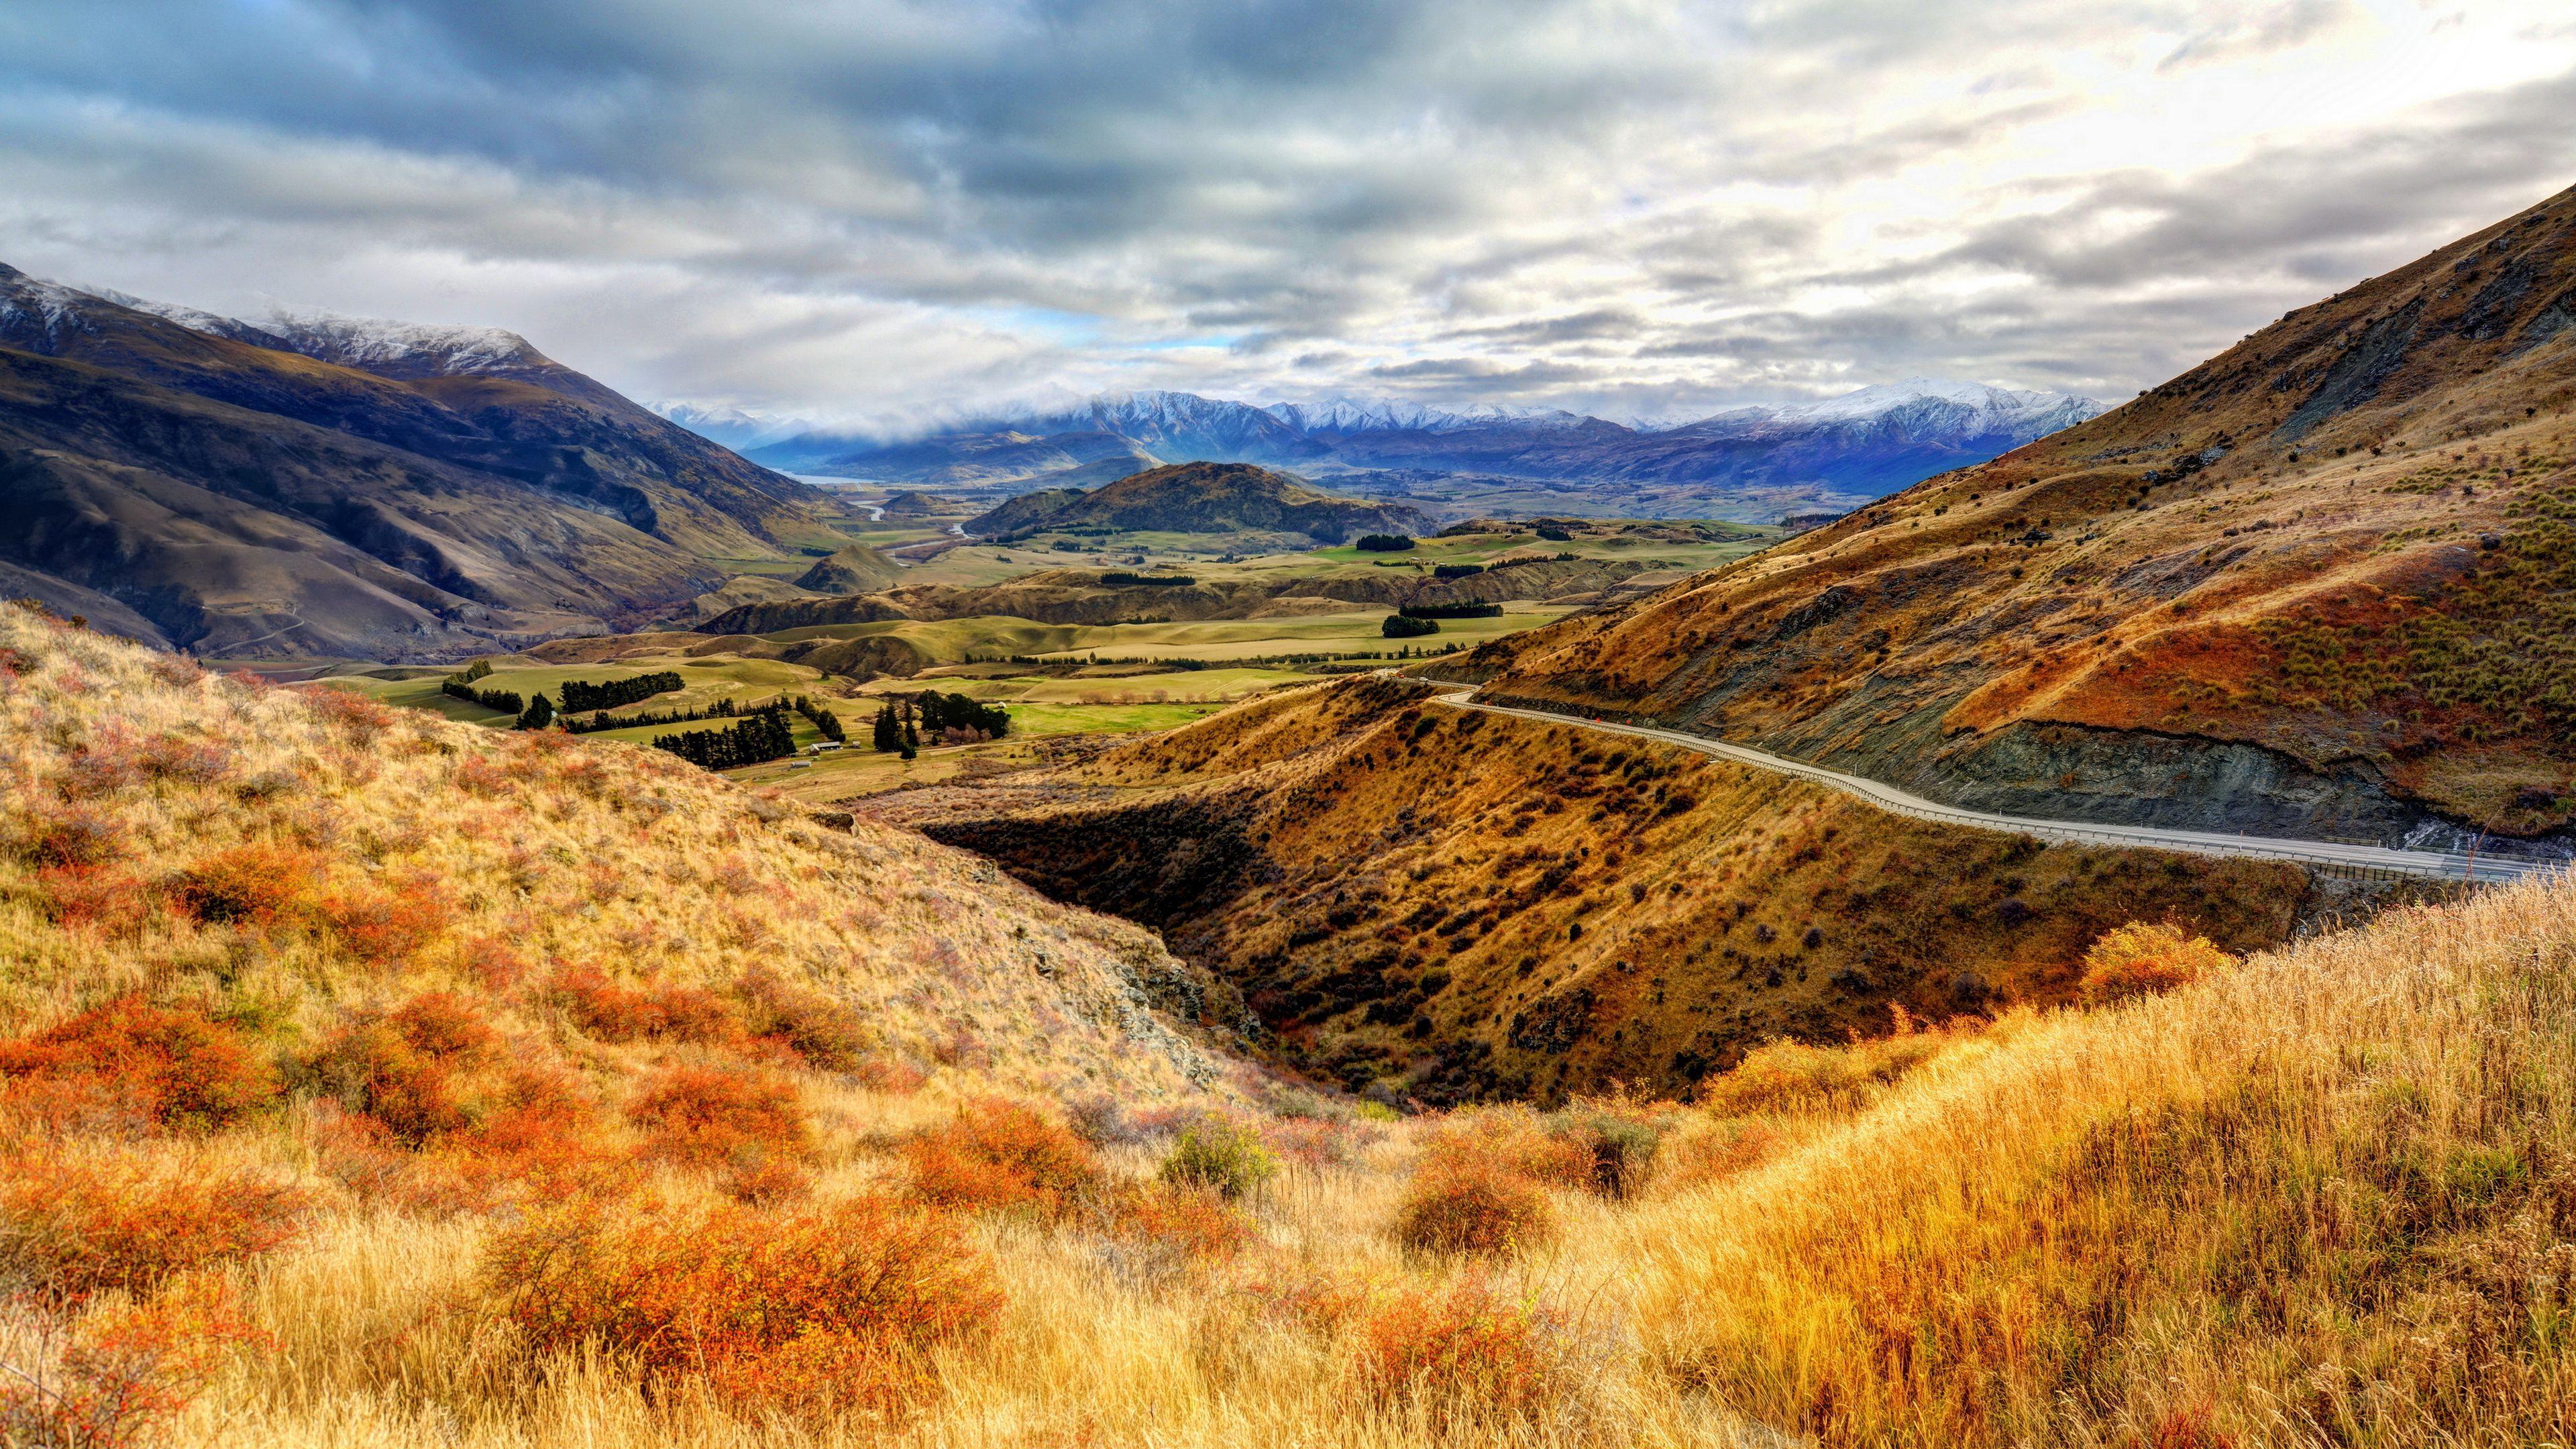 4K Wallpaper Dump New zealand landscape, Scenery, New